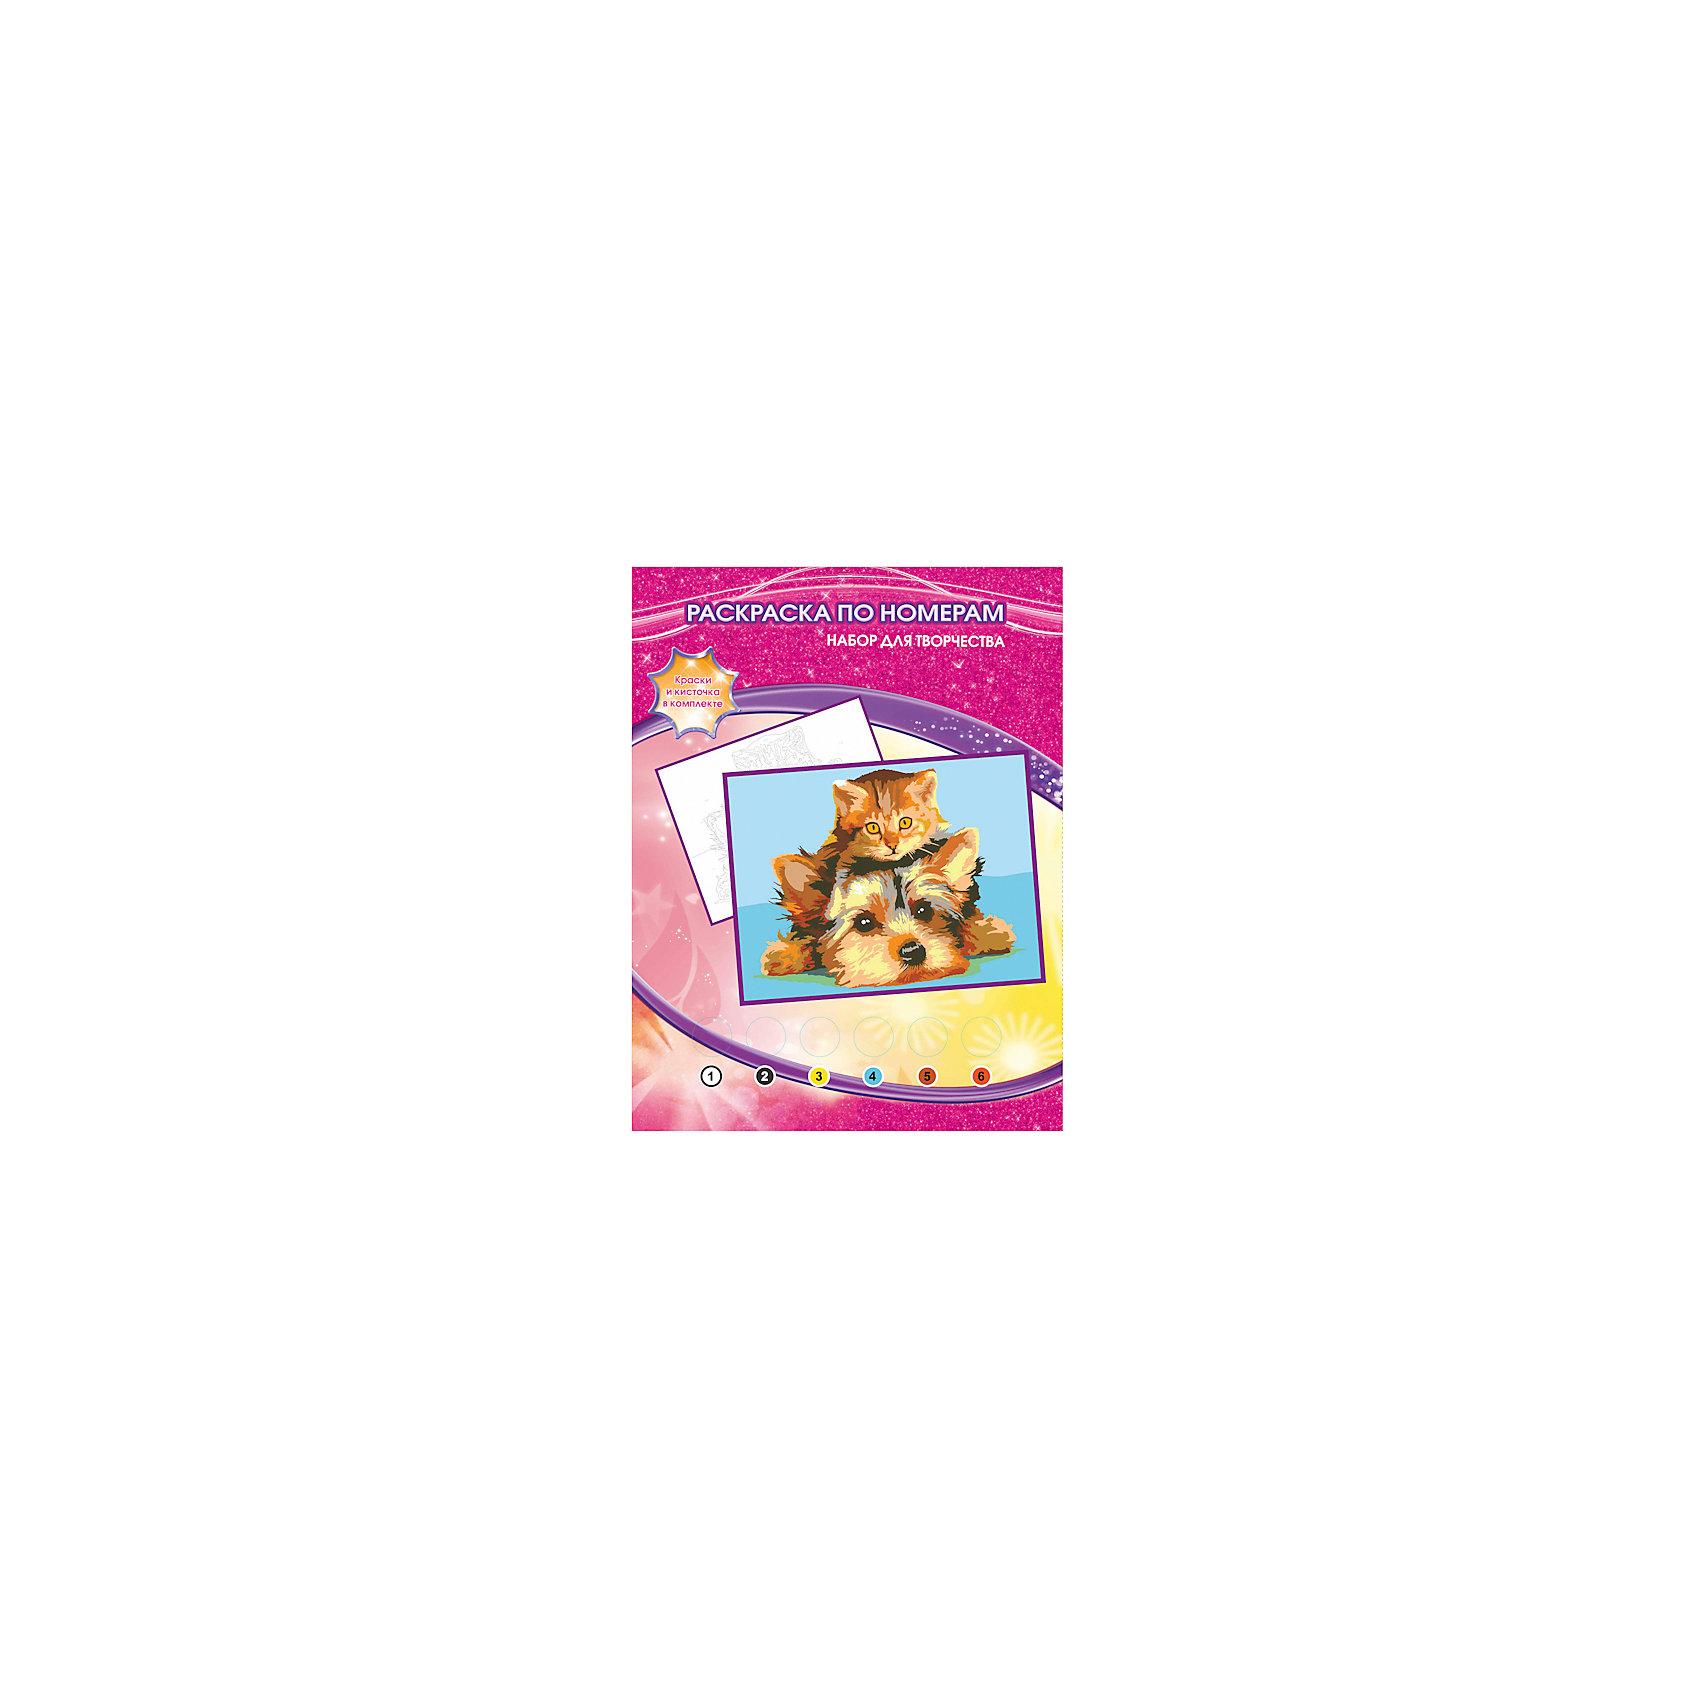 Раскраска по номерам Щенок и котенокРаскраска по номерам Щенок и котенок – это простой и удобный способ для ребенка научиться работать с кисточкой и красками и нарисовать настоящую картину с изображением милых щенка и котенка. Набор включает в себя все необходимое: рисунок-контур с пронумерованными по цветам областями, набор из шести также пронумерованных красок, палитра для получения новых оттенков, кисточка. Благодаря данному комплекту, ребенок легко и непринужденно сможет научиться рисовать кистью и красками, а также смешивать цвета.<br><br>Комплектация: раскраска-основа с нанесенным контуром, краски 6 цветов, кисточка, инструкция<br><br>Дополнительная информация:<br>-Вес в упаковке: 160 г<br>-Размеры в упаковке: 220х300х20 мм<br>-Материалы: бумага, краски, пластмасса<br>-Размер готовой картины: 20х25 см<br><br>Аккуратно раскрасив области черно-белого рисунка по контуру, Ваш ребенок нарисует красивую картину, а затем украсит ей свою комнату.<br><br>Раскраска по номерам Щенок и котенок можно купить в нашем магазине.<br><br>Ширина мм: 220<br>Глубина мм: 300<br>Высота мм: 20<br>Вес г: 160<br>Возраст от месяцев: 60<br>Возраст до месяцев: 108<br>Пол: Унисекс<br>Возраст: Детский<br>SKU: 4079292